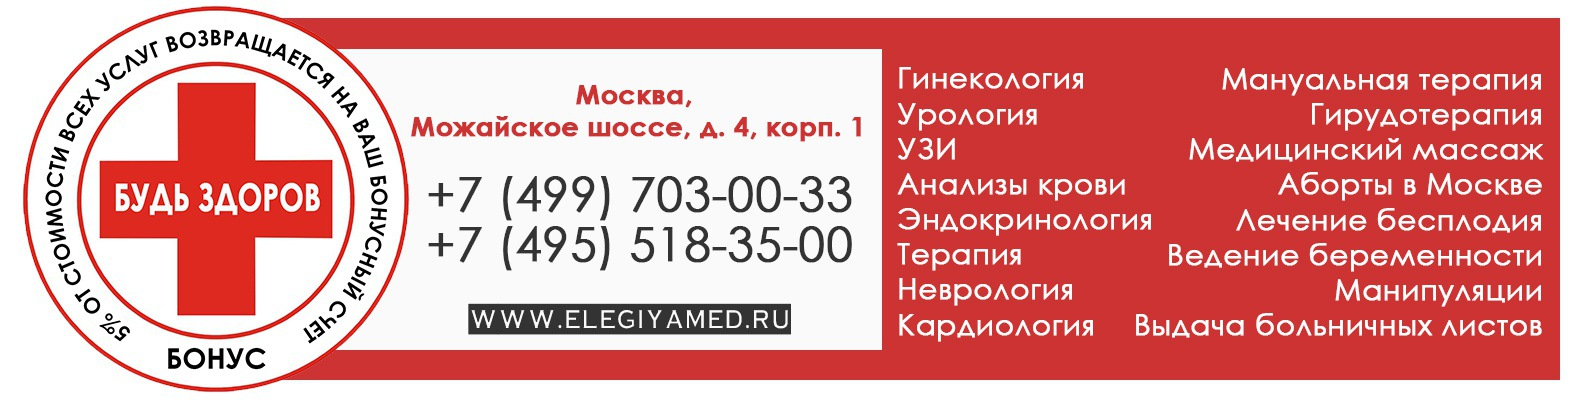 Перечень медцентров лечения вич в москве